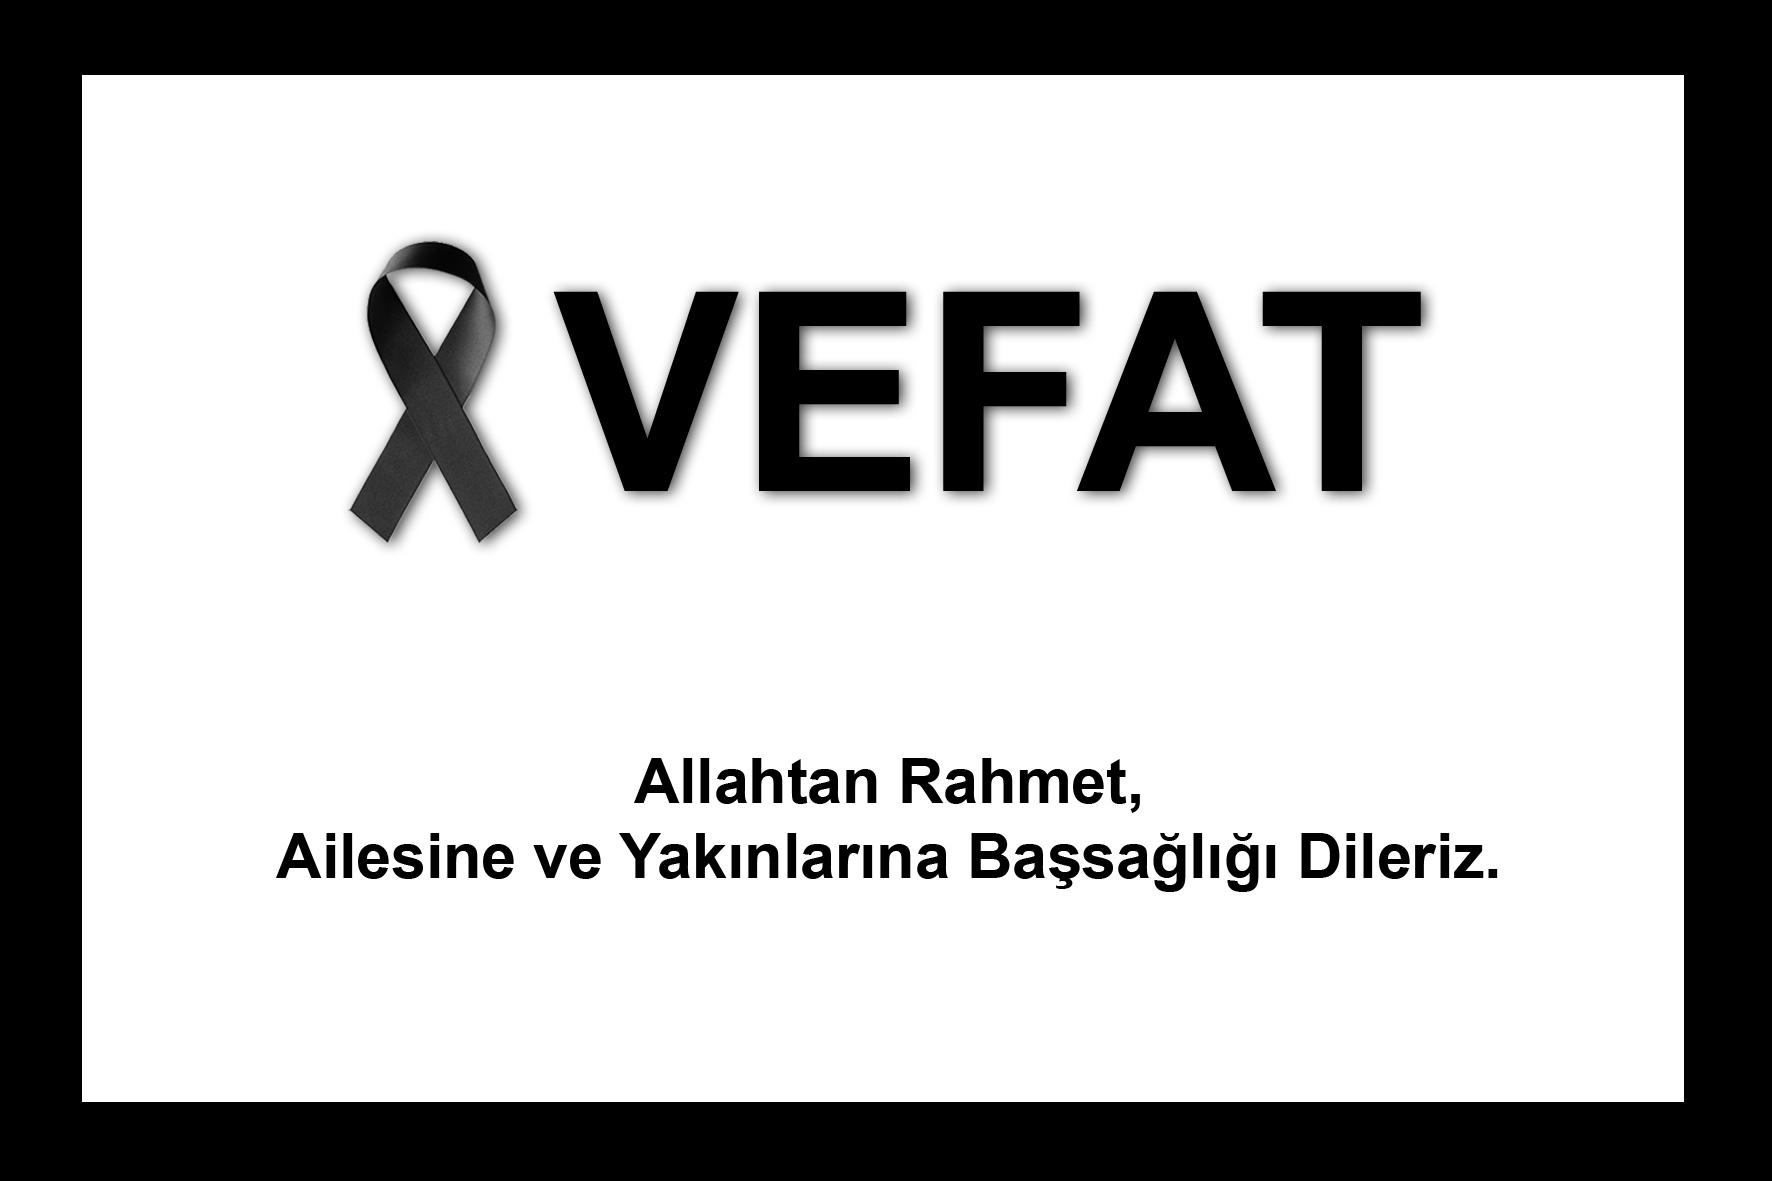 Antrenörümüz Serap Ünlü'nün Annesi   Mukadder Can vefat etmiştir.